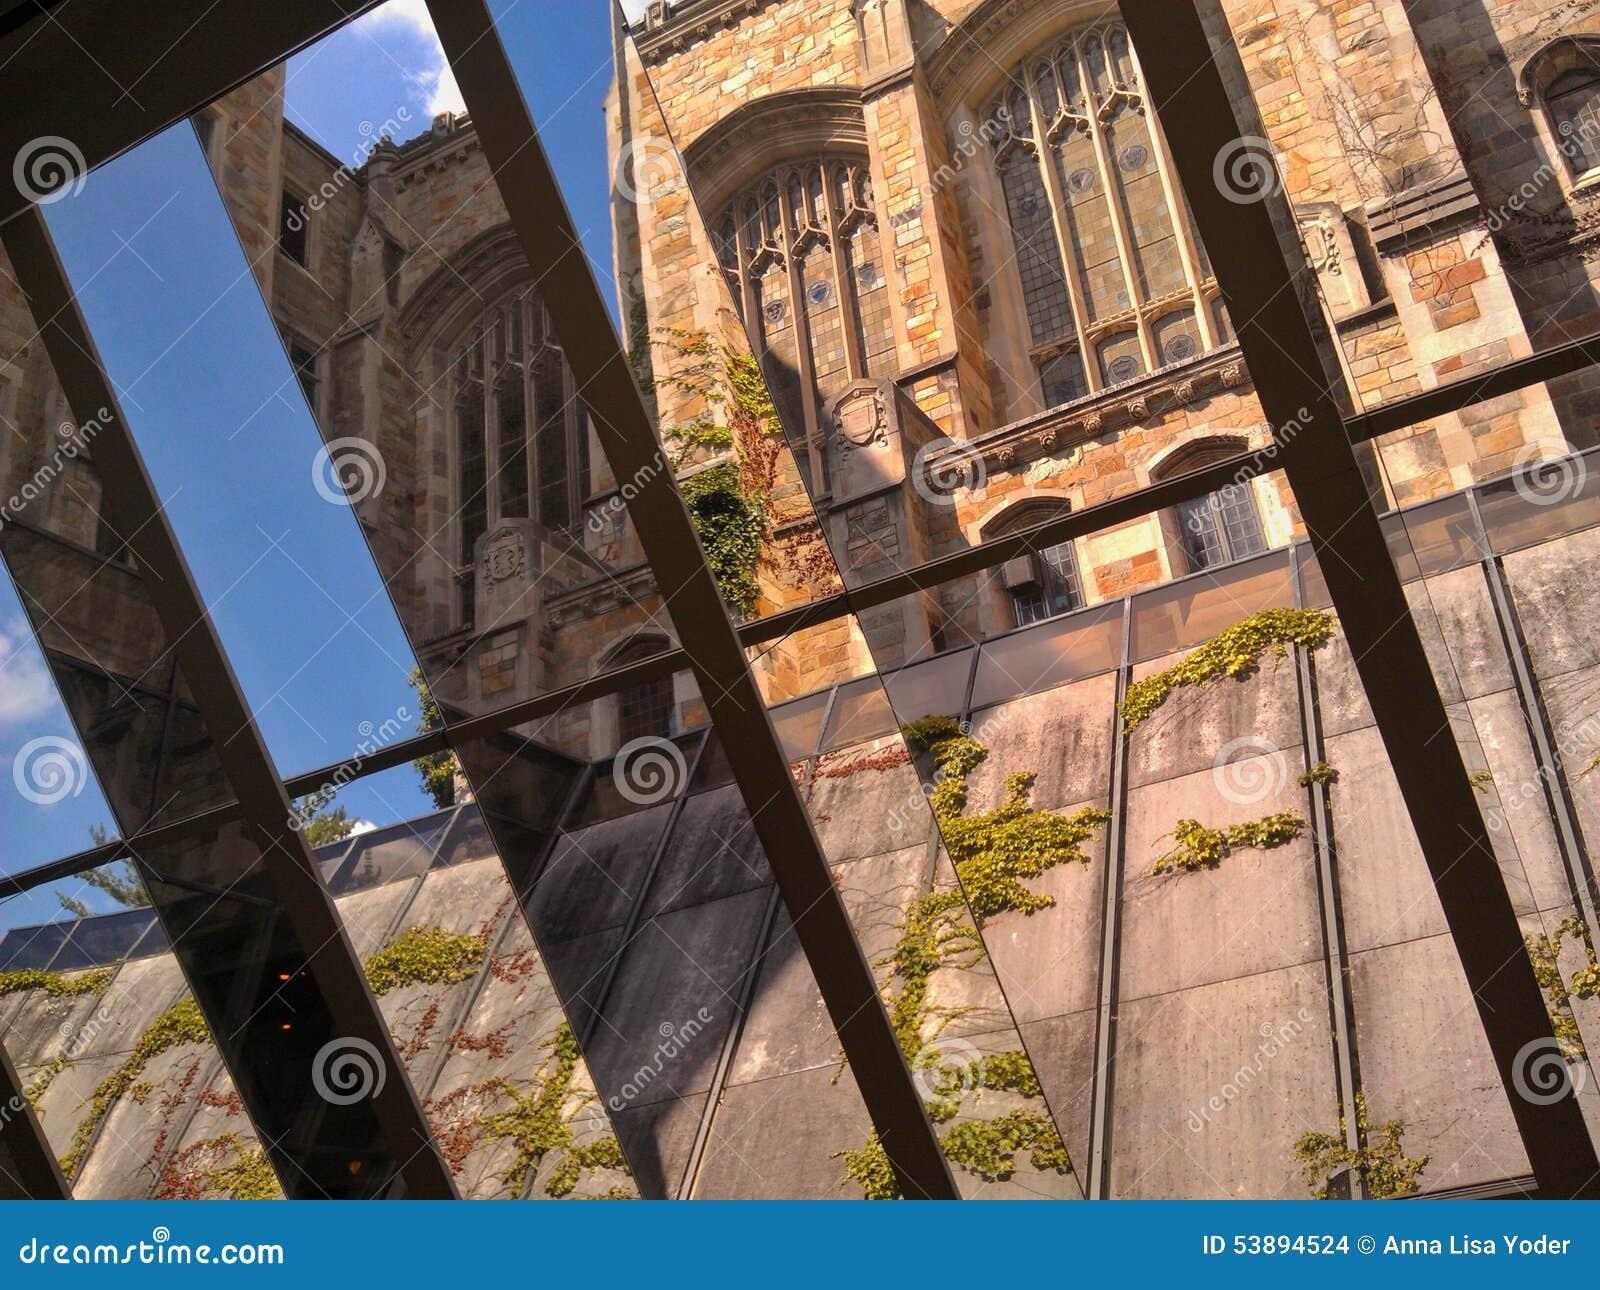 Biblioteca jurídica de la Universidad de Michigan vista a través de una ventana más baja